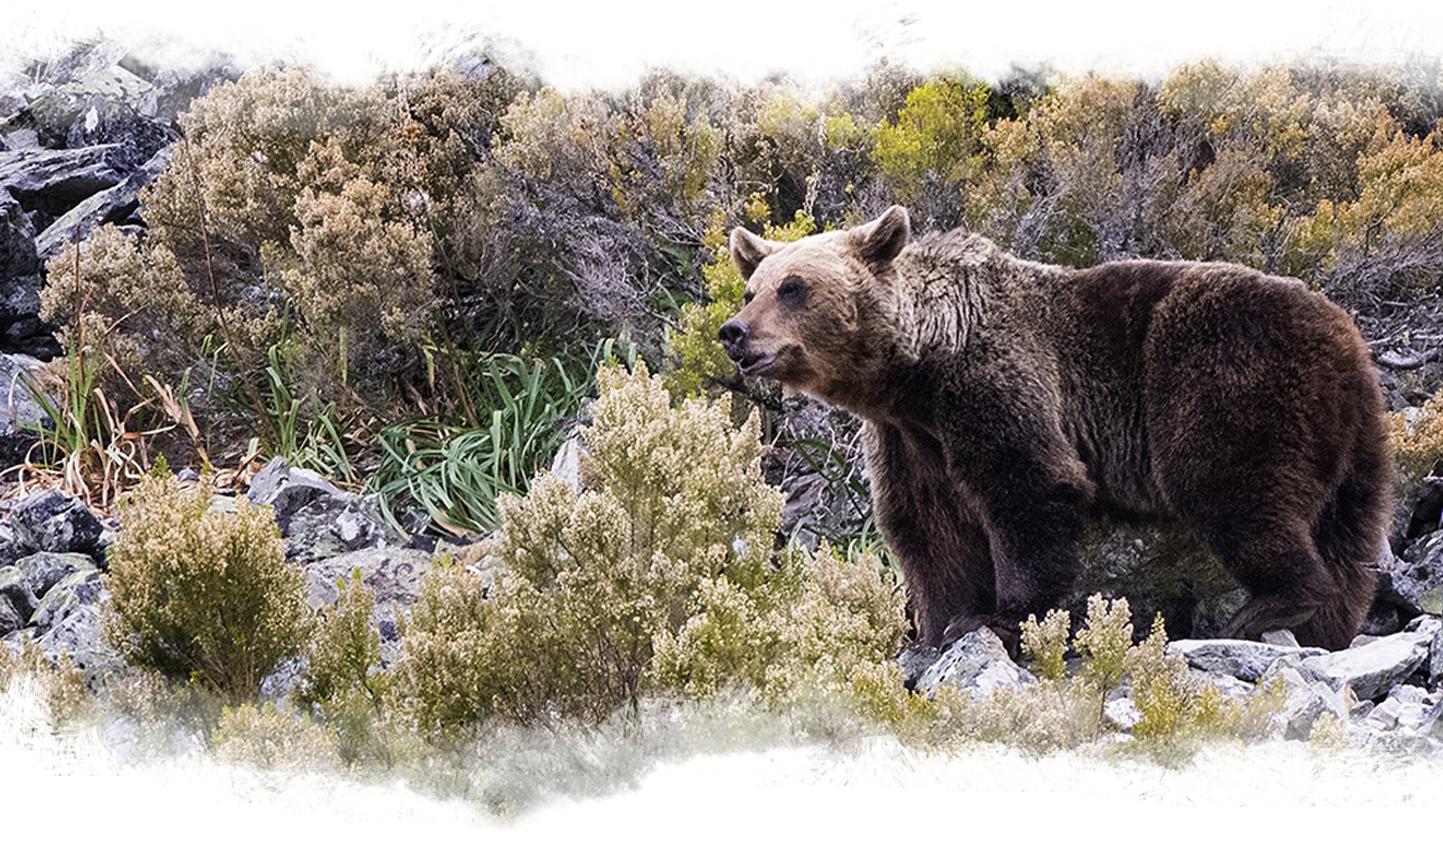 imagen de un oso en plena naturaleza